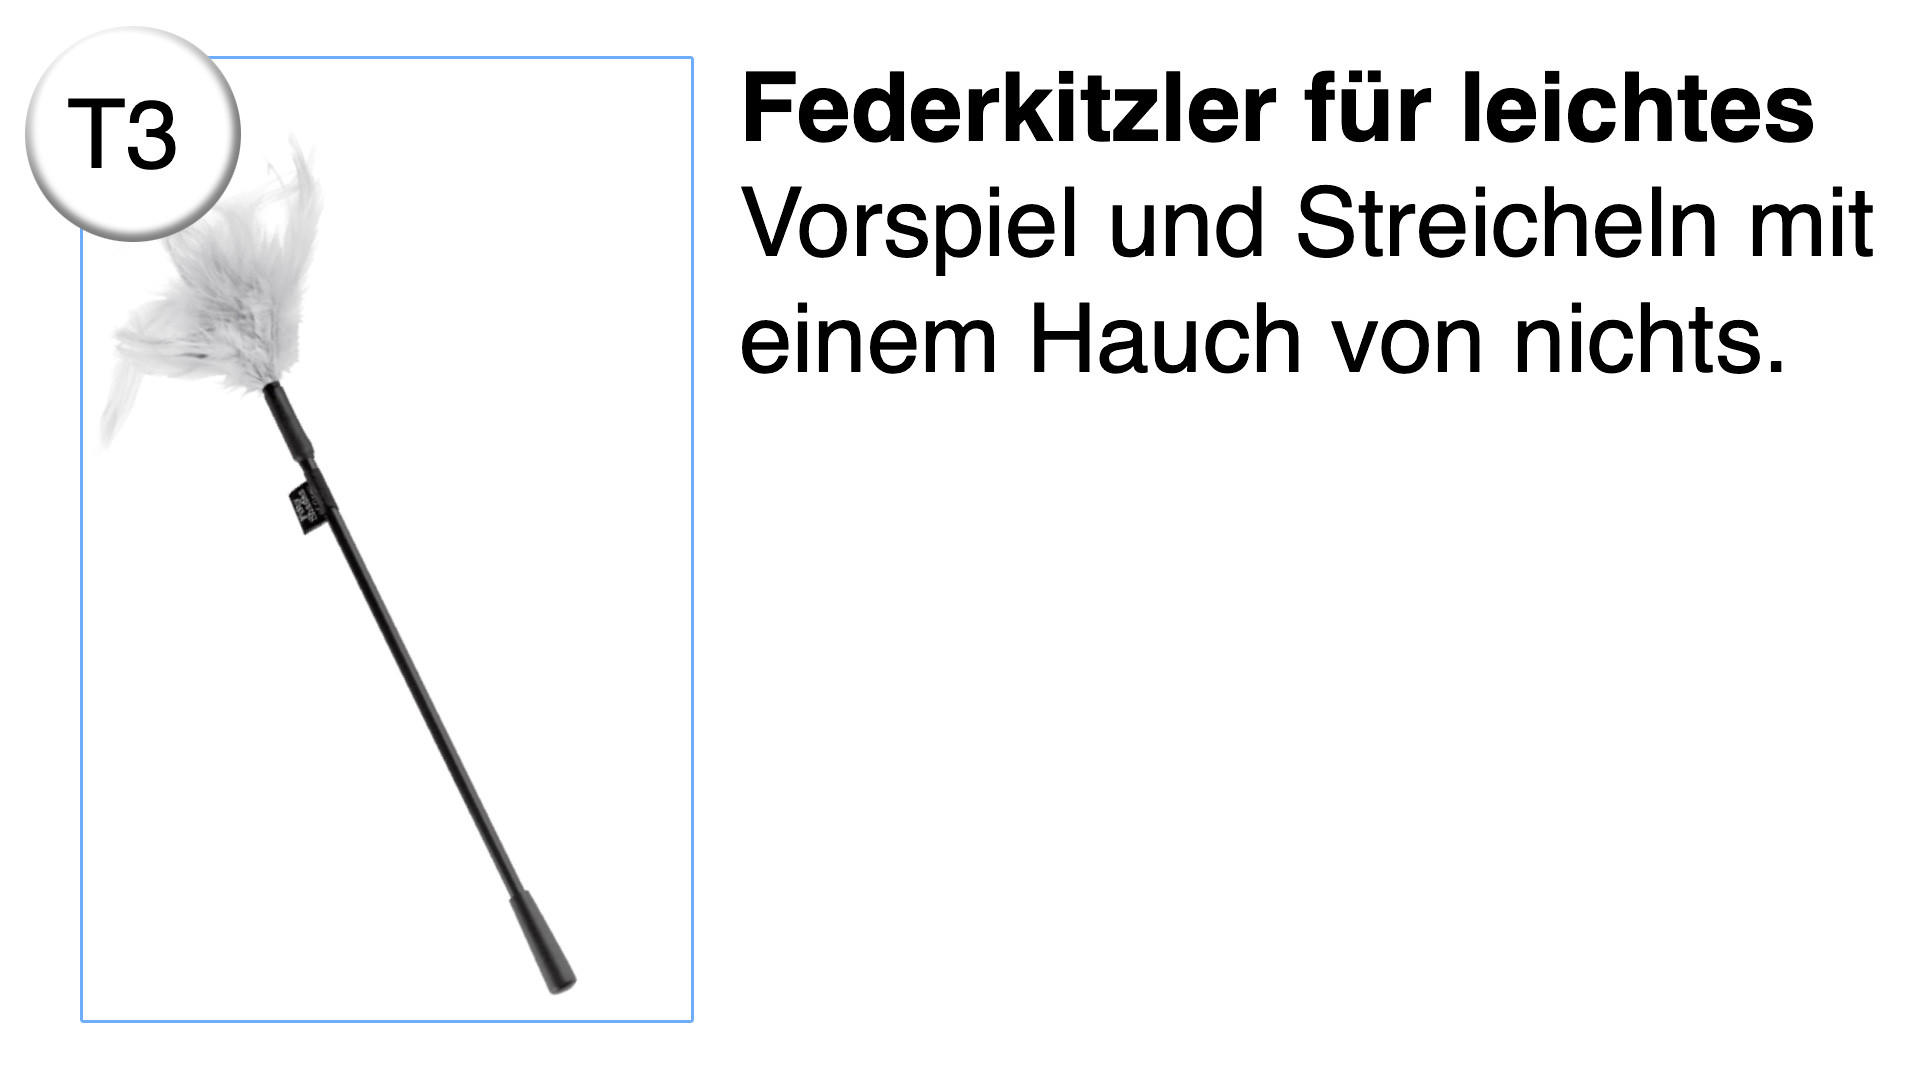 Federkitzler